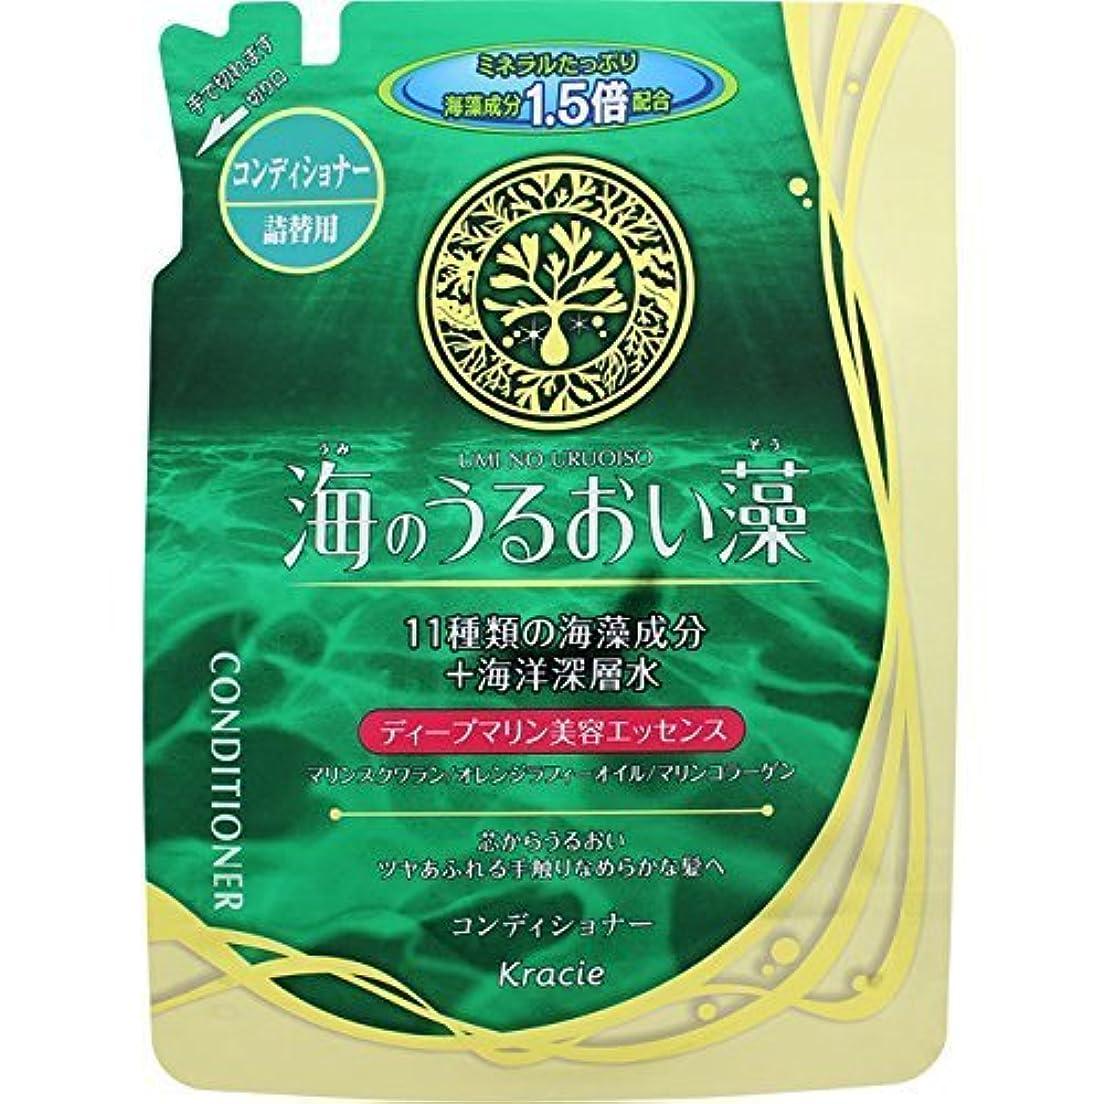 ダーリンあからさま大量【クラシエ】海のうるおい藻 コンディショナー 詰替用 420ml※お取り寄せ【NT】 ×10個セット